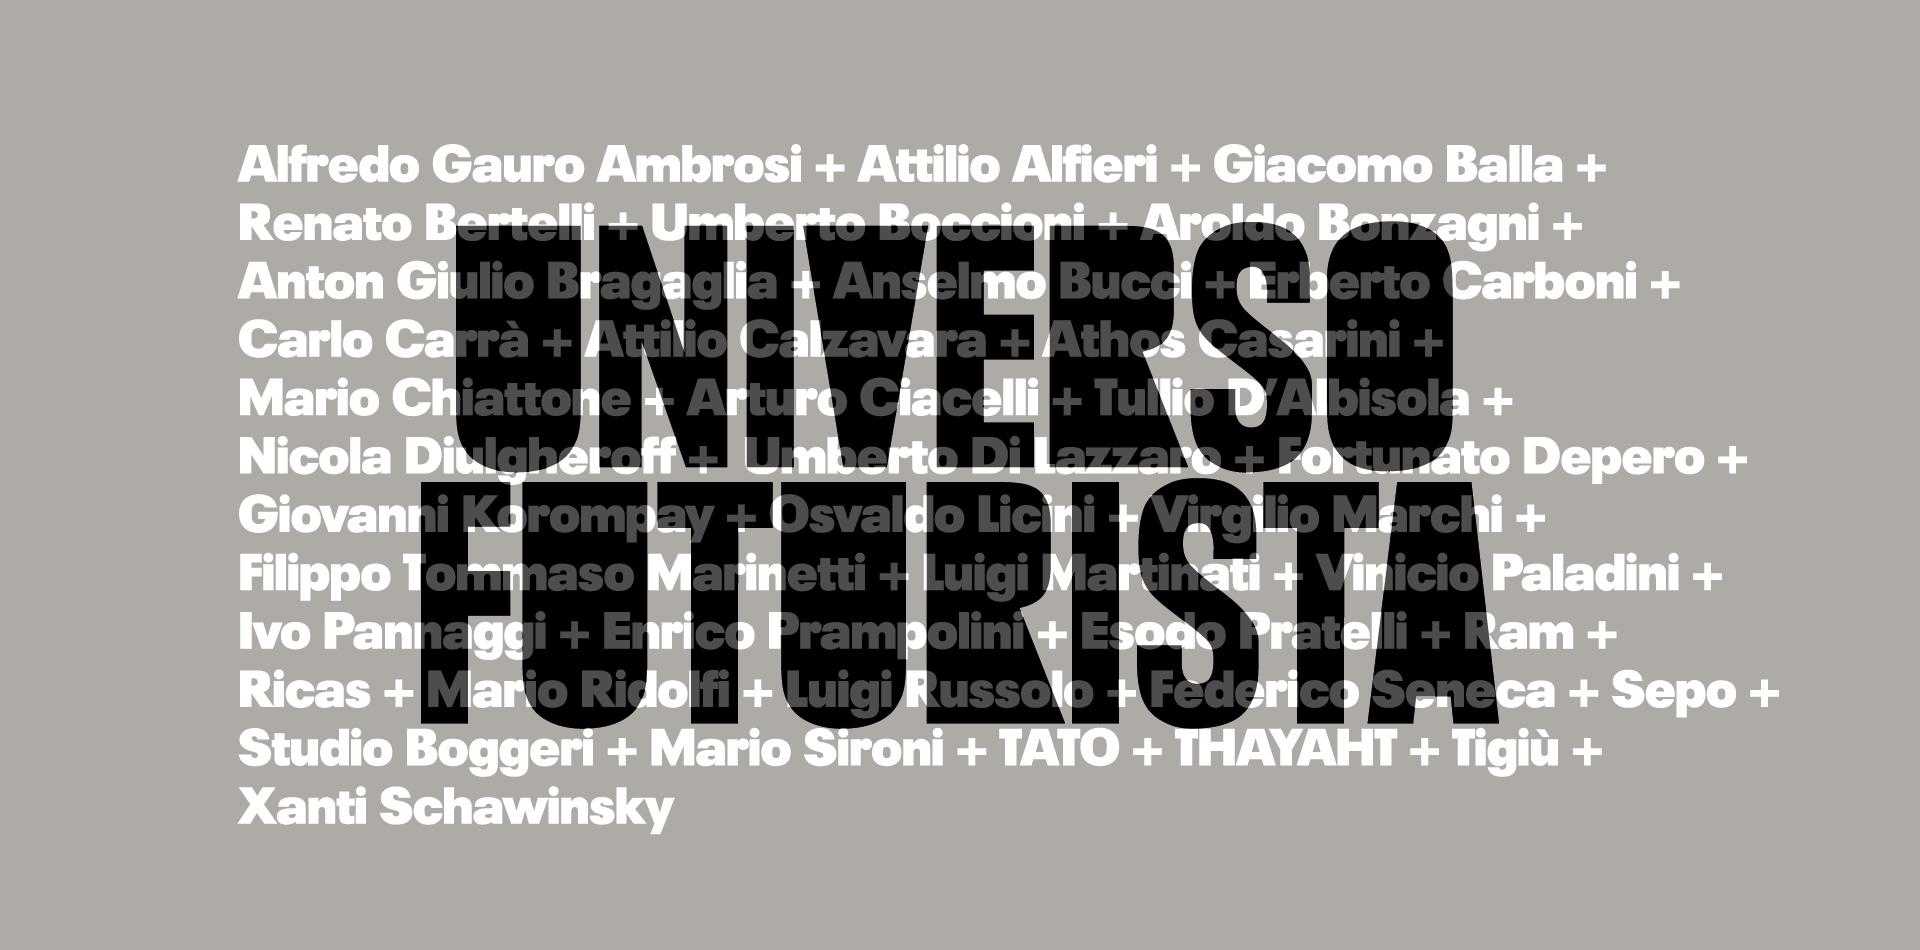 Bologna, apre la Fondazione Massimo e Sonia Cirulli e parte con una mostra sul futurismo, da Marinetti a Boccioni